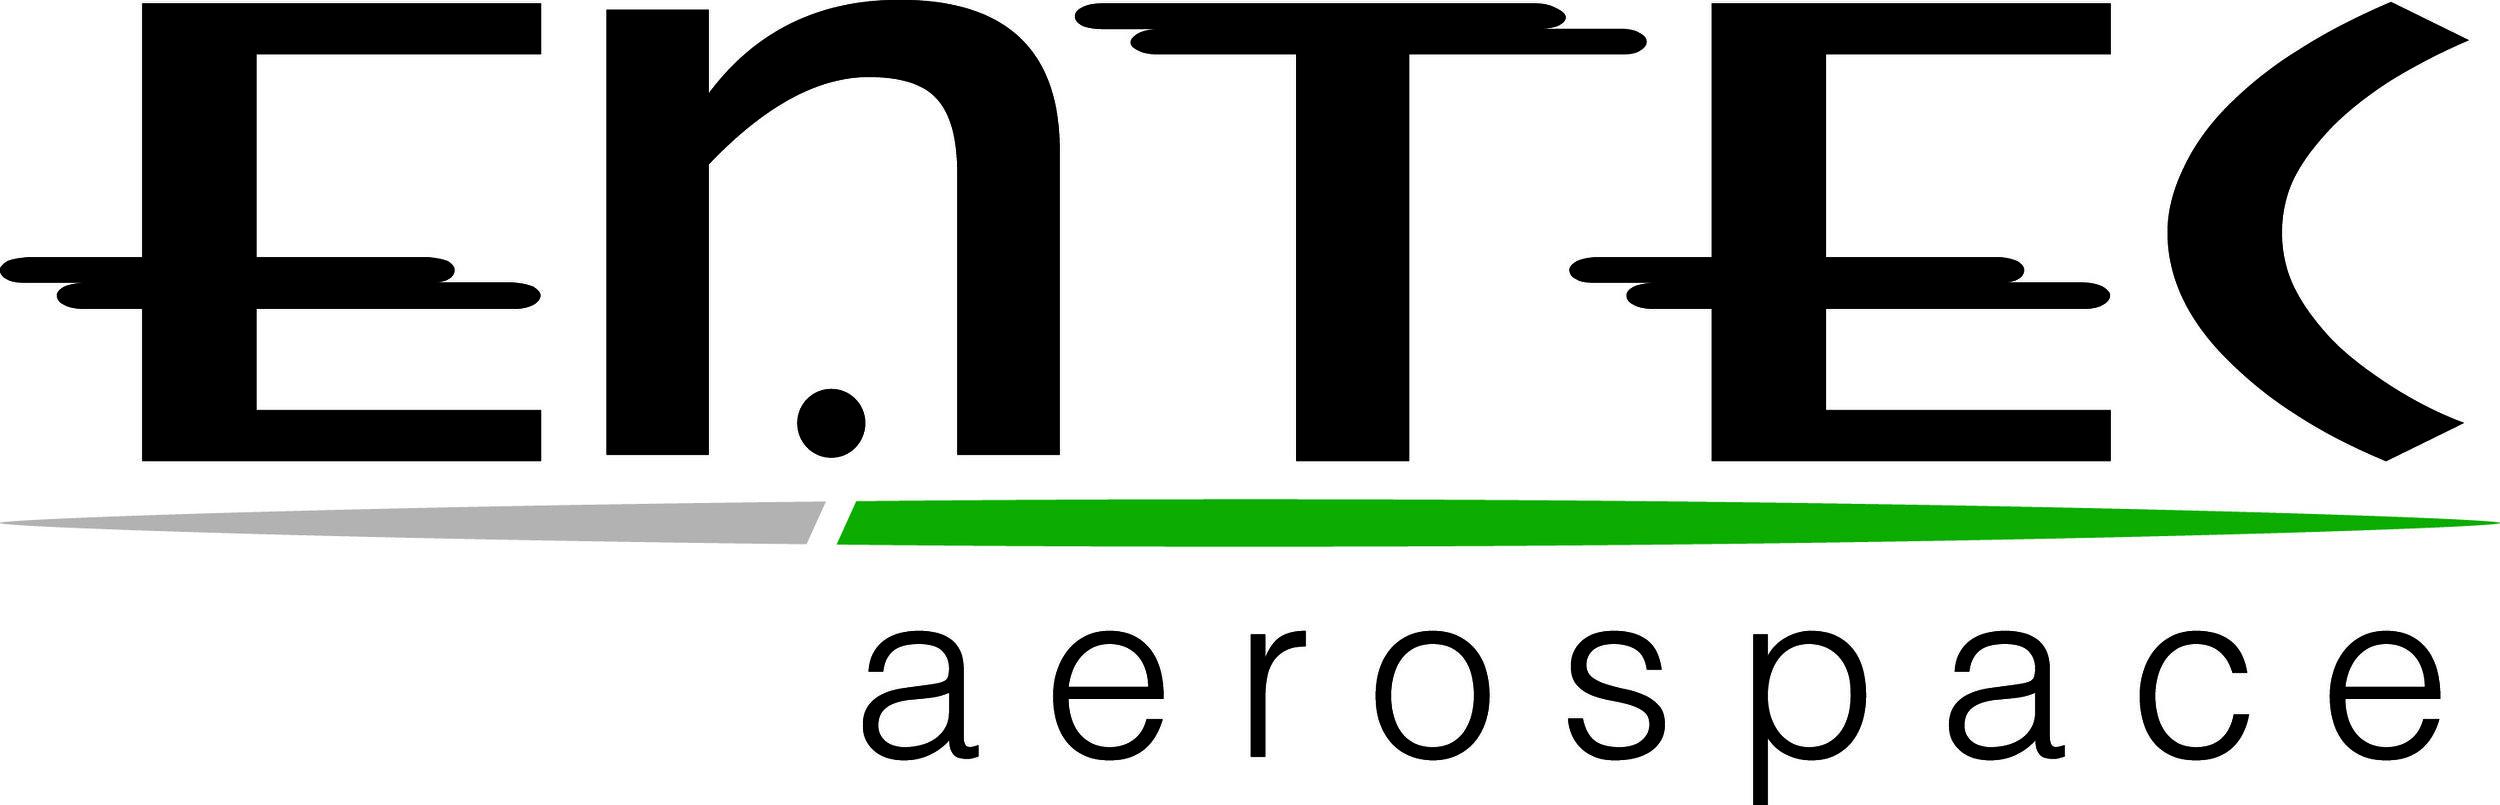 EnTEC : aerospace HELIPUERTOS